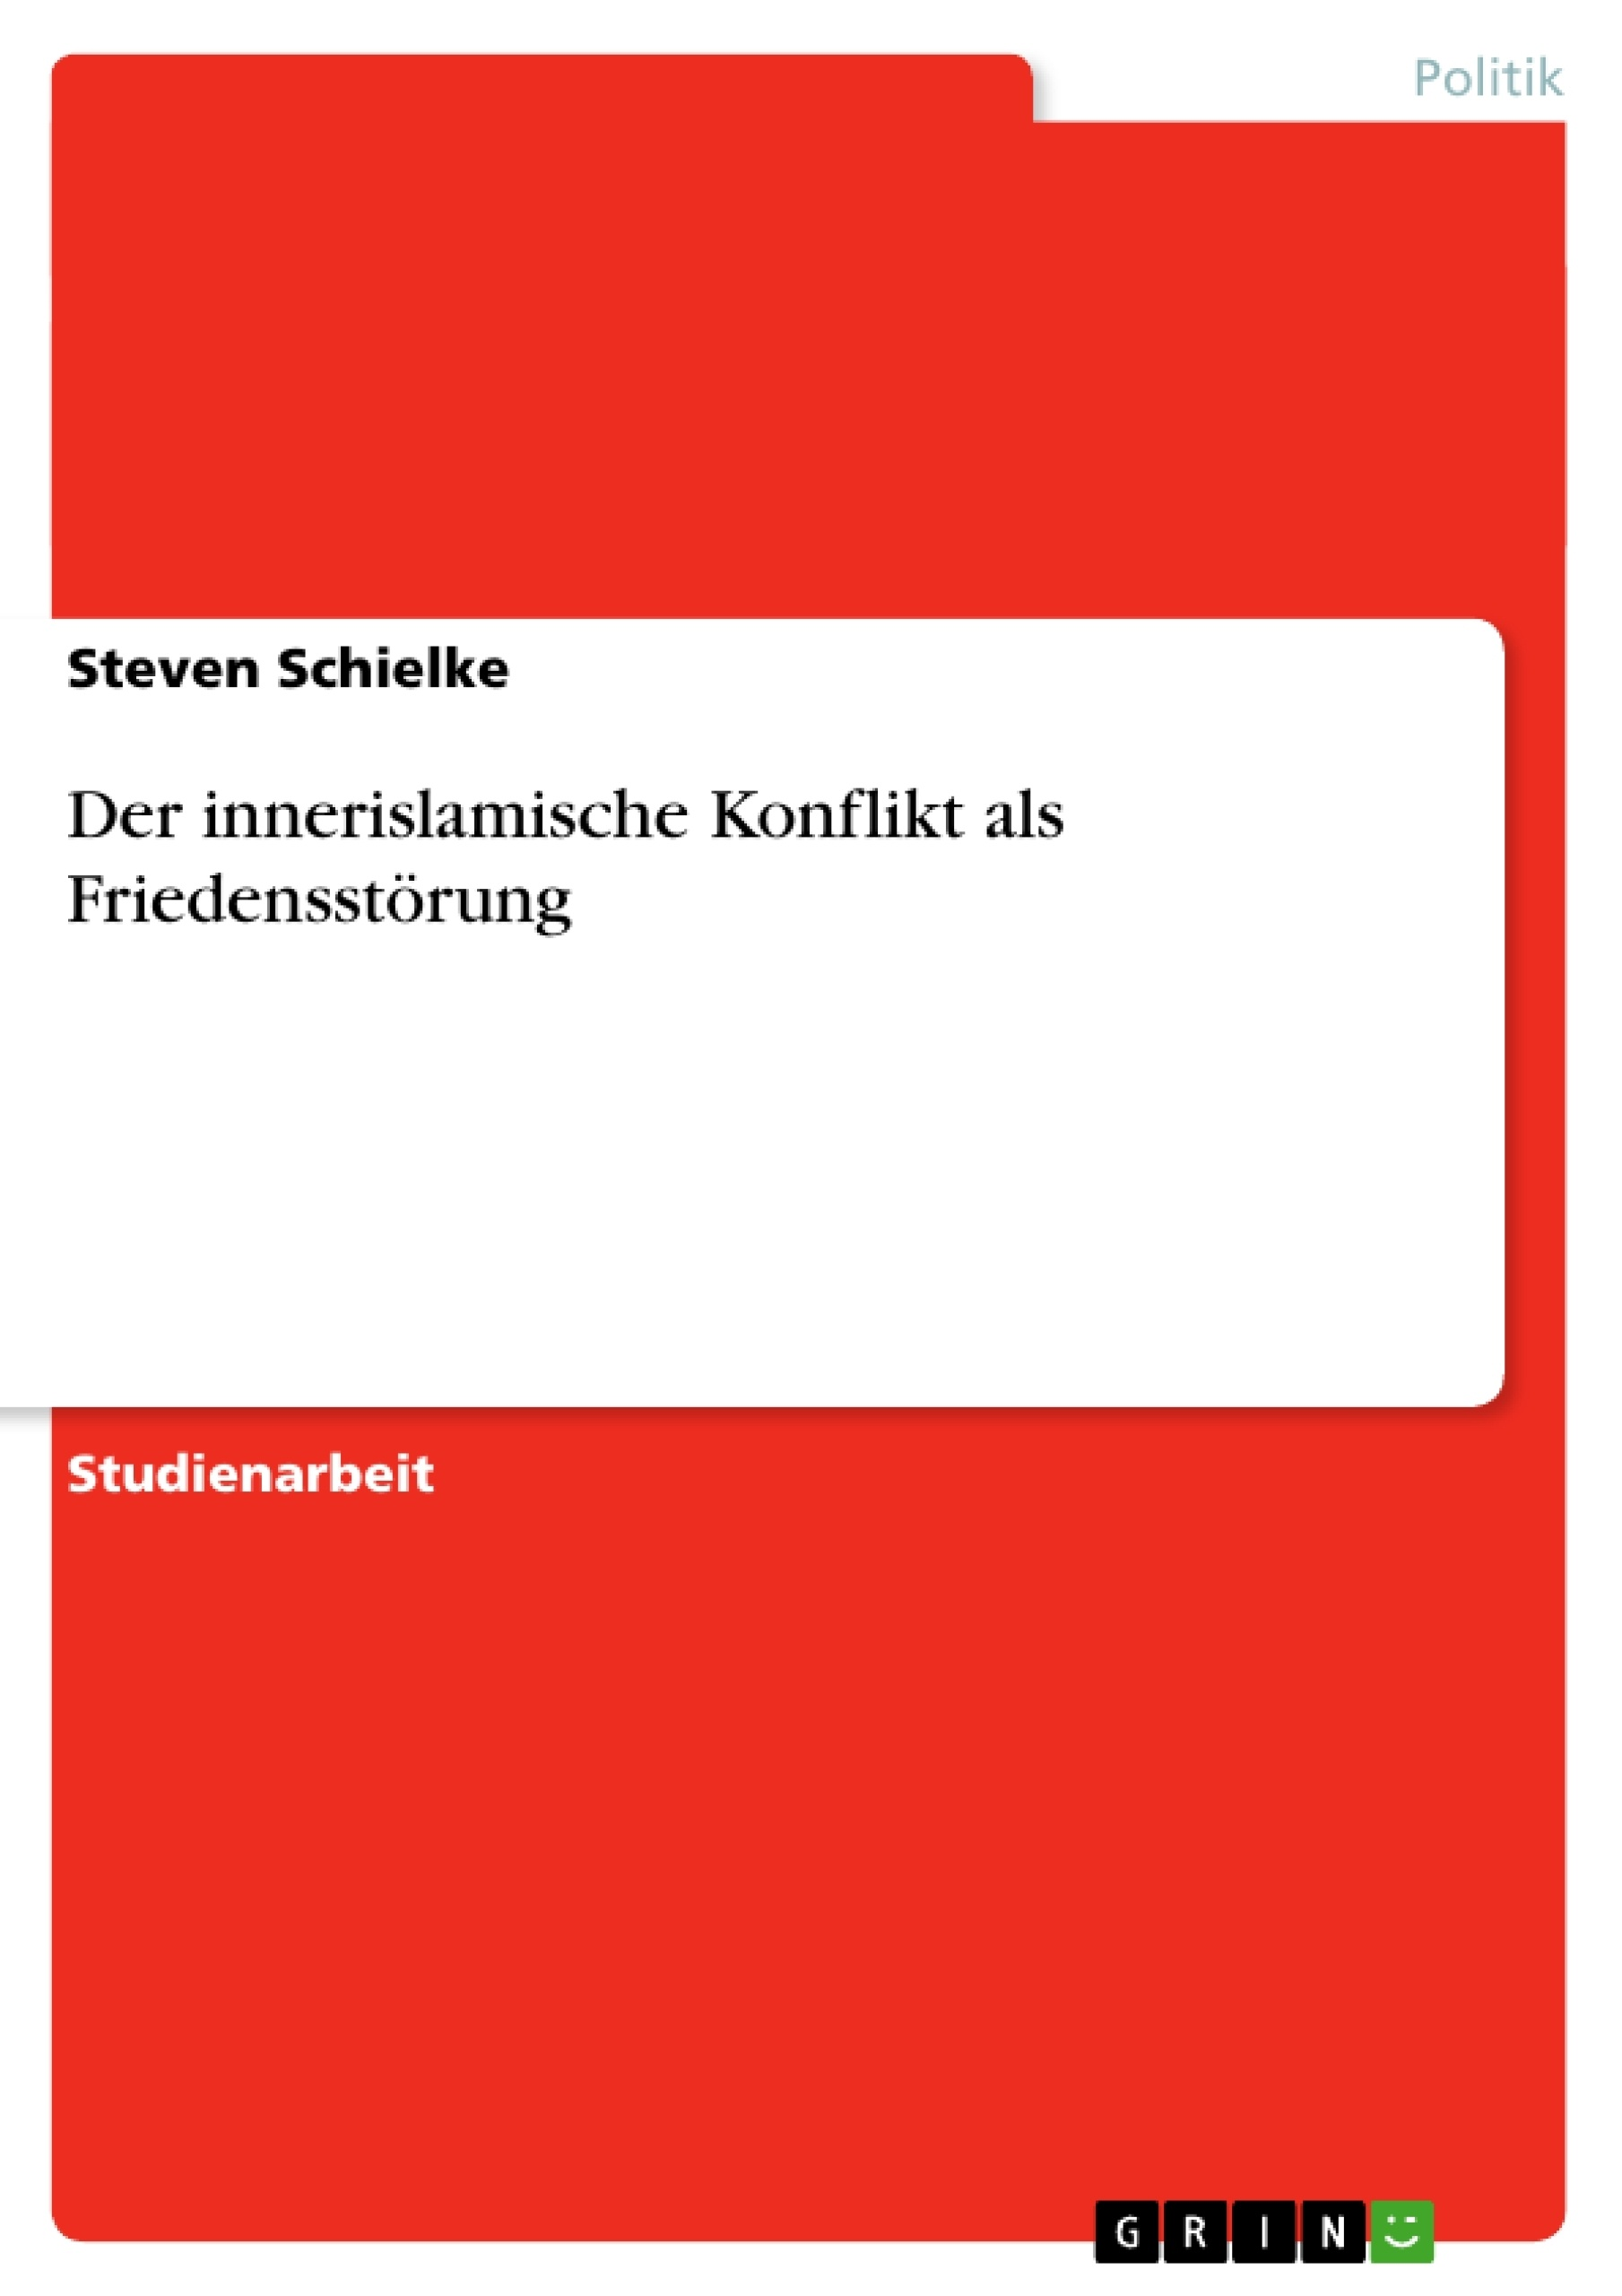 Titel: Der innerislamische Konflikt als Friedensstörung